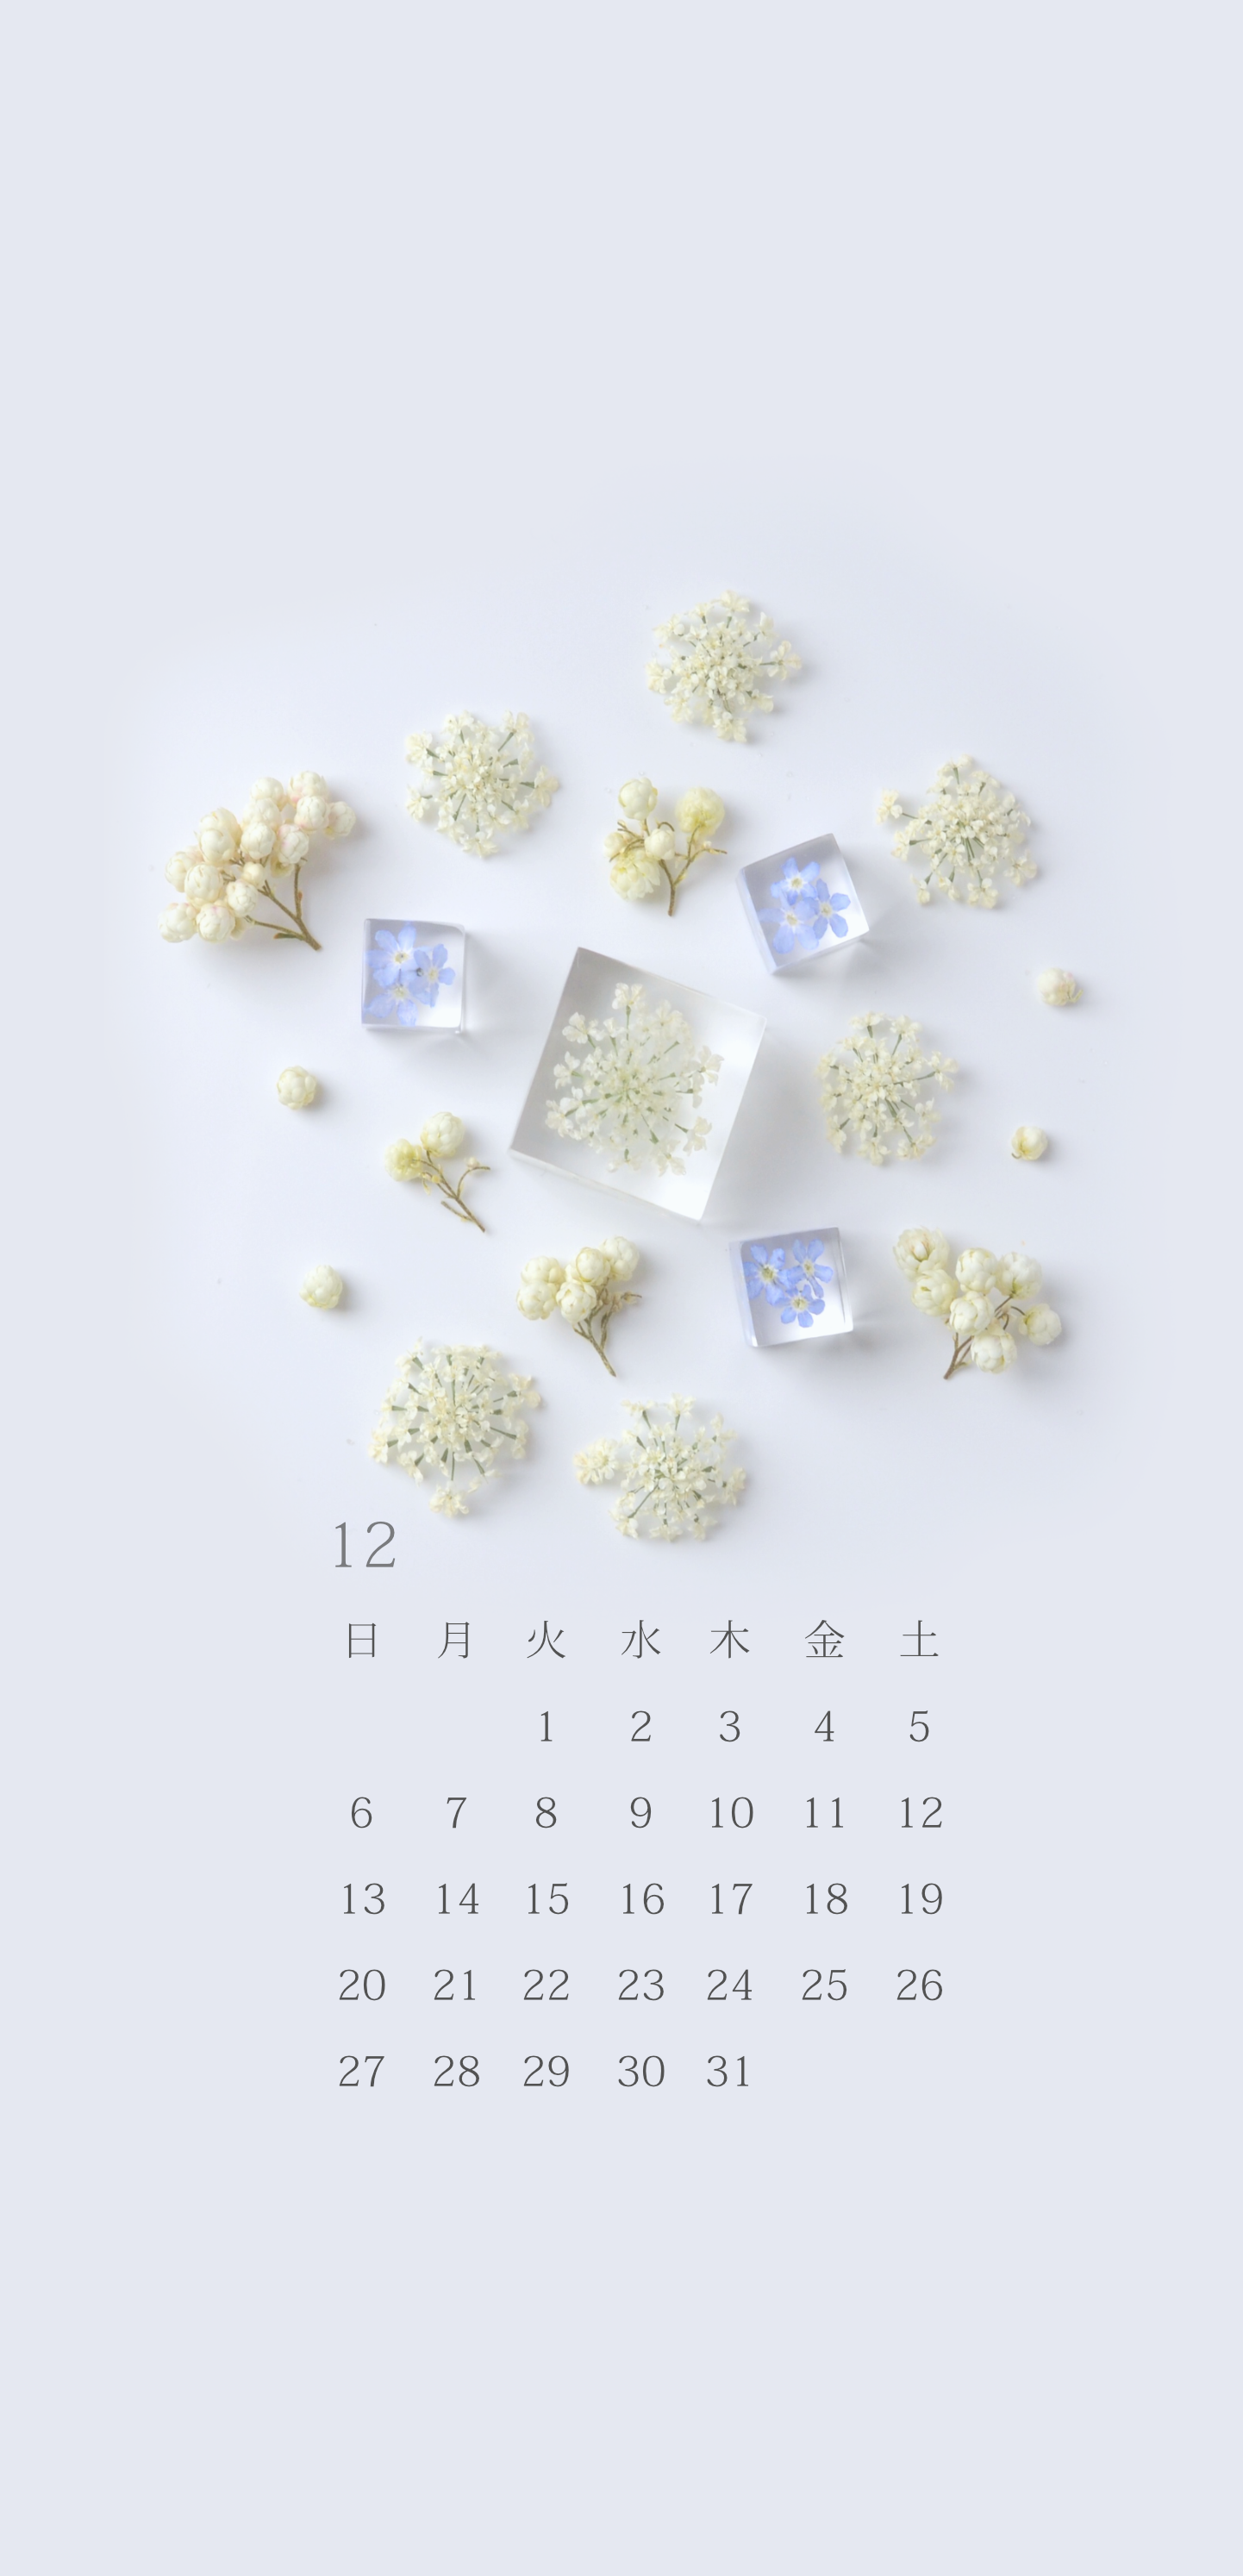 無料ロック画面カレンダー 「12月 レースフラワーと勿忘草の雪景色」